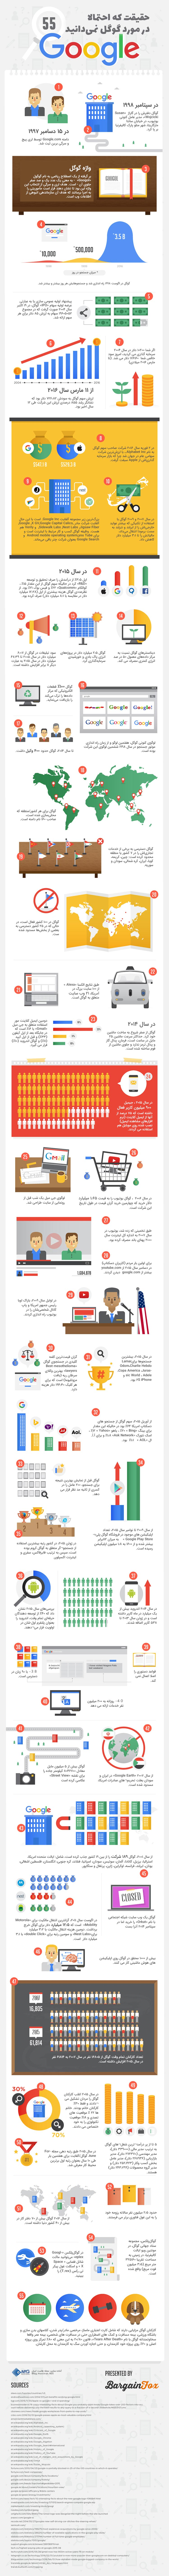 اینفوگرافیک 55 حقیقت در مورد گوگل